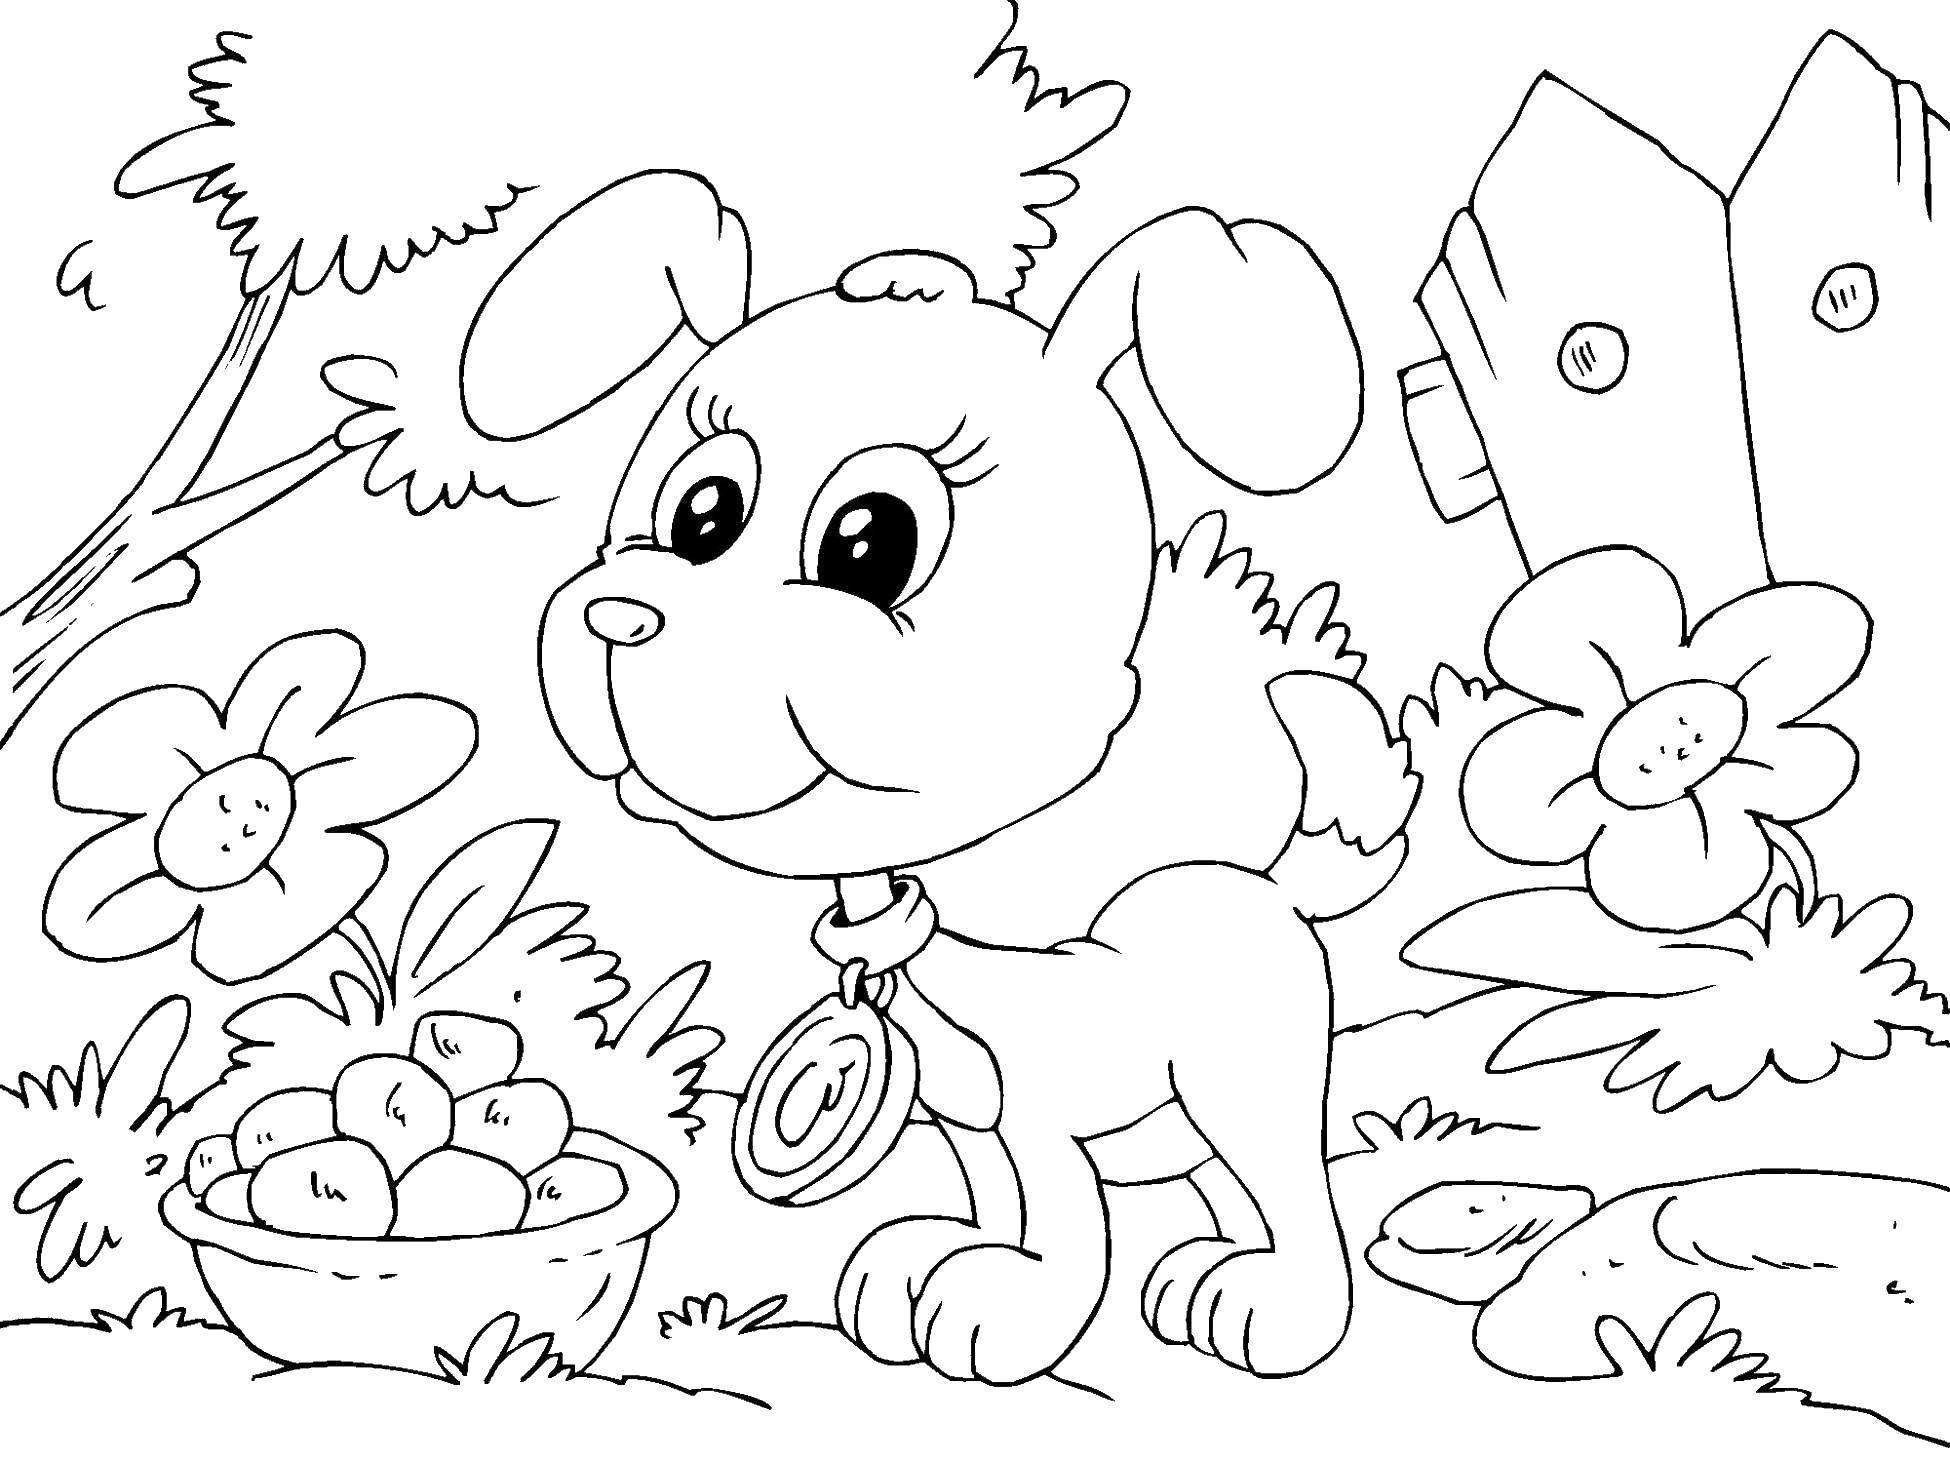 Раскраска Щеночек в саду. Скачать животные, собака, щенок, пес, сад.  Распечатать ,домашние животные,